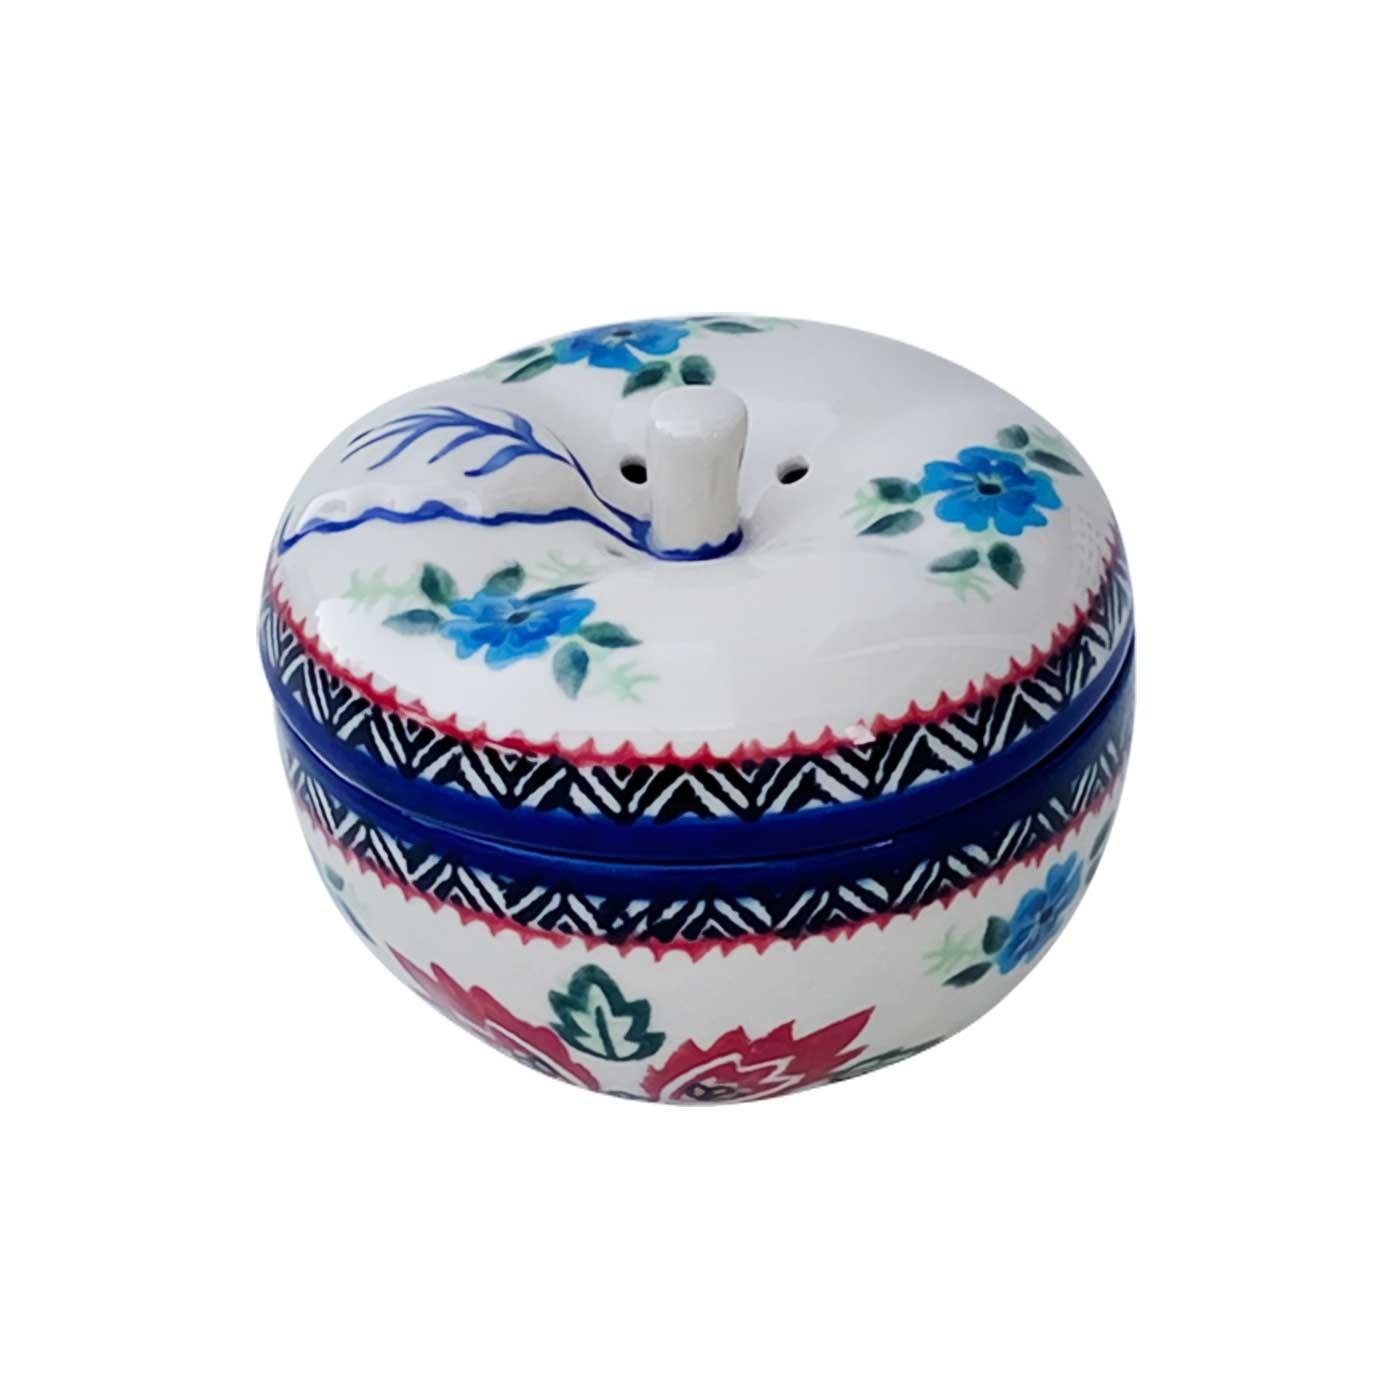 Pottery Avenue Stoneware Apple Baker - V410-A280 FOLK UNIKAT